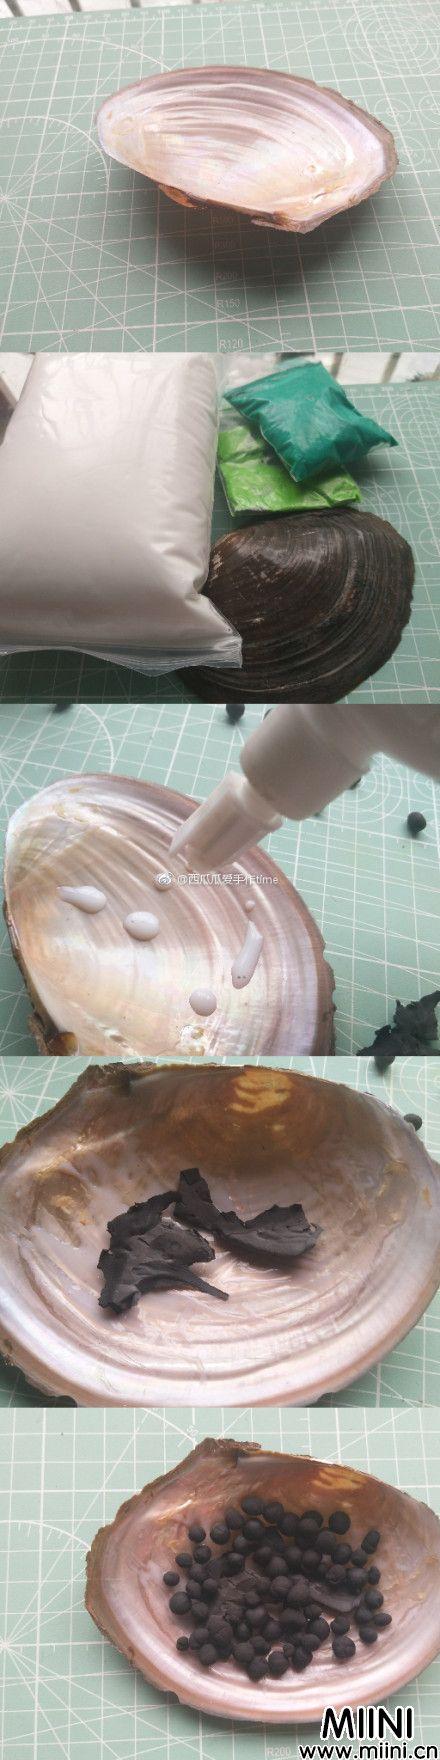 蚌壳中的粘土小多肉手办制作方法